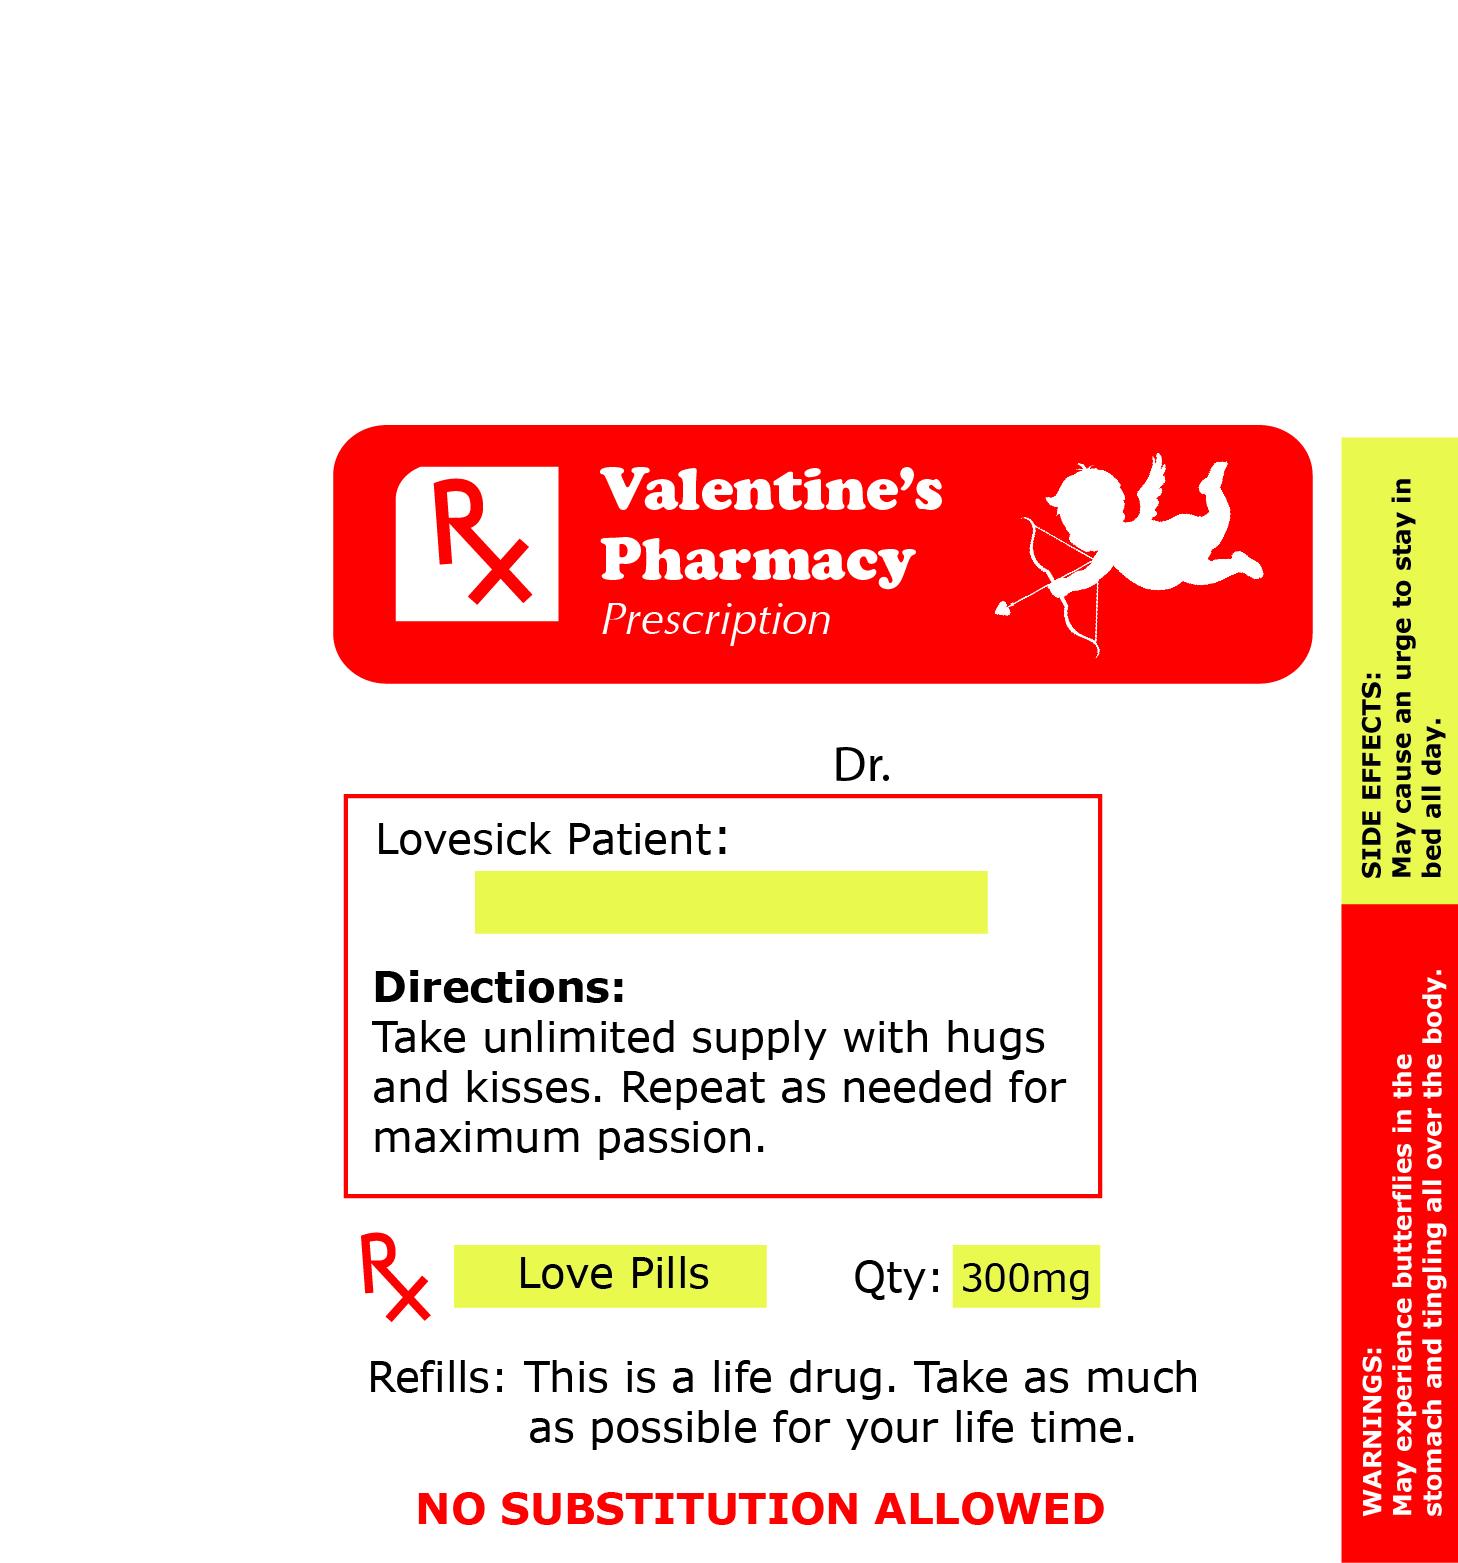 Template-pharmacy-bottle.jpg (1458×1563) | Gag Medical Labels ...